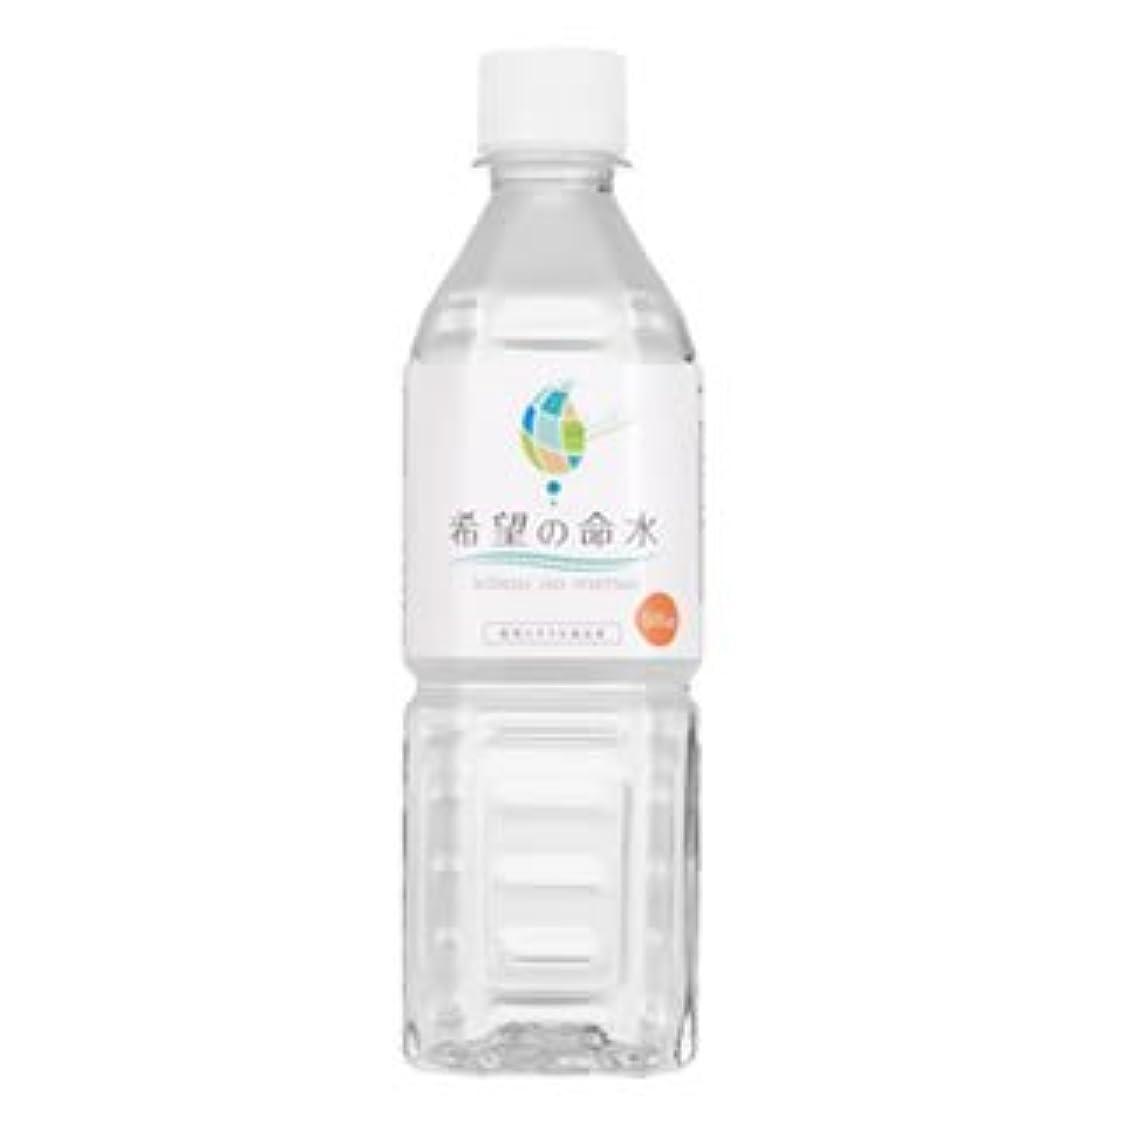 同意するチートまだ希望の命水(めいすい)500ml 1日わずか30cc位で約16日分 36種類の生体ミネラル水